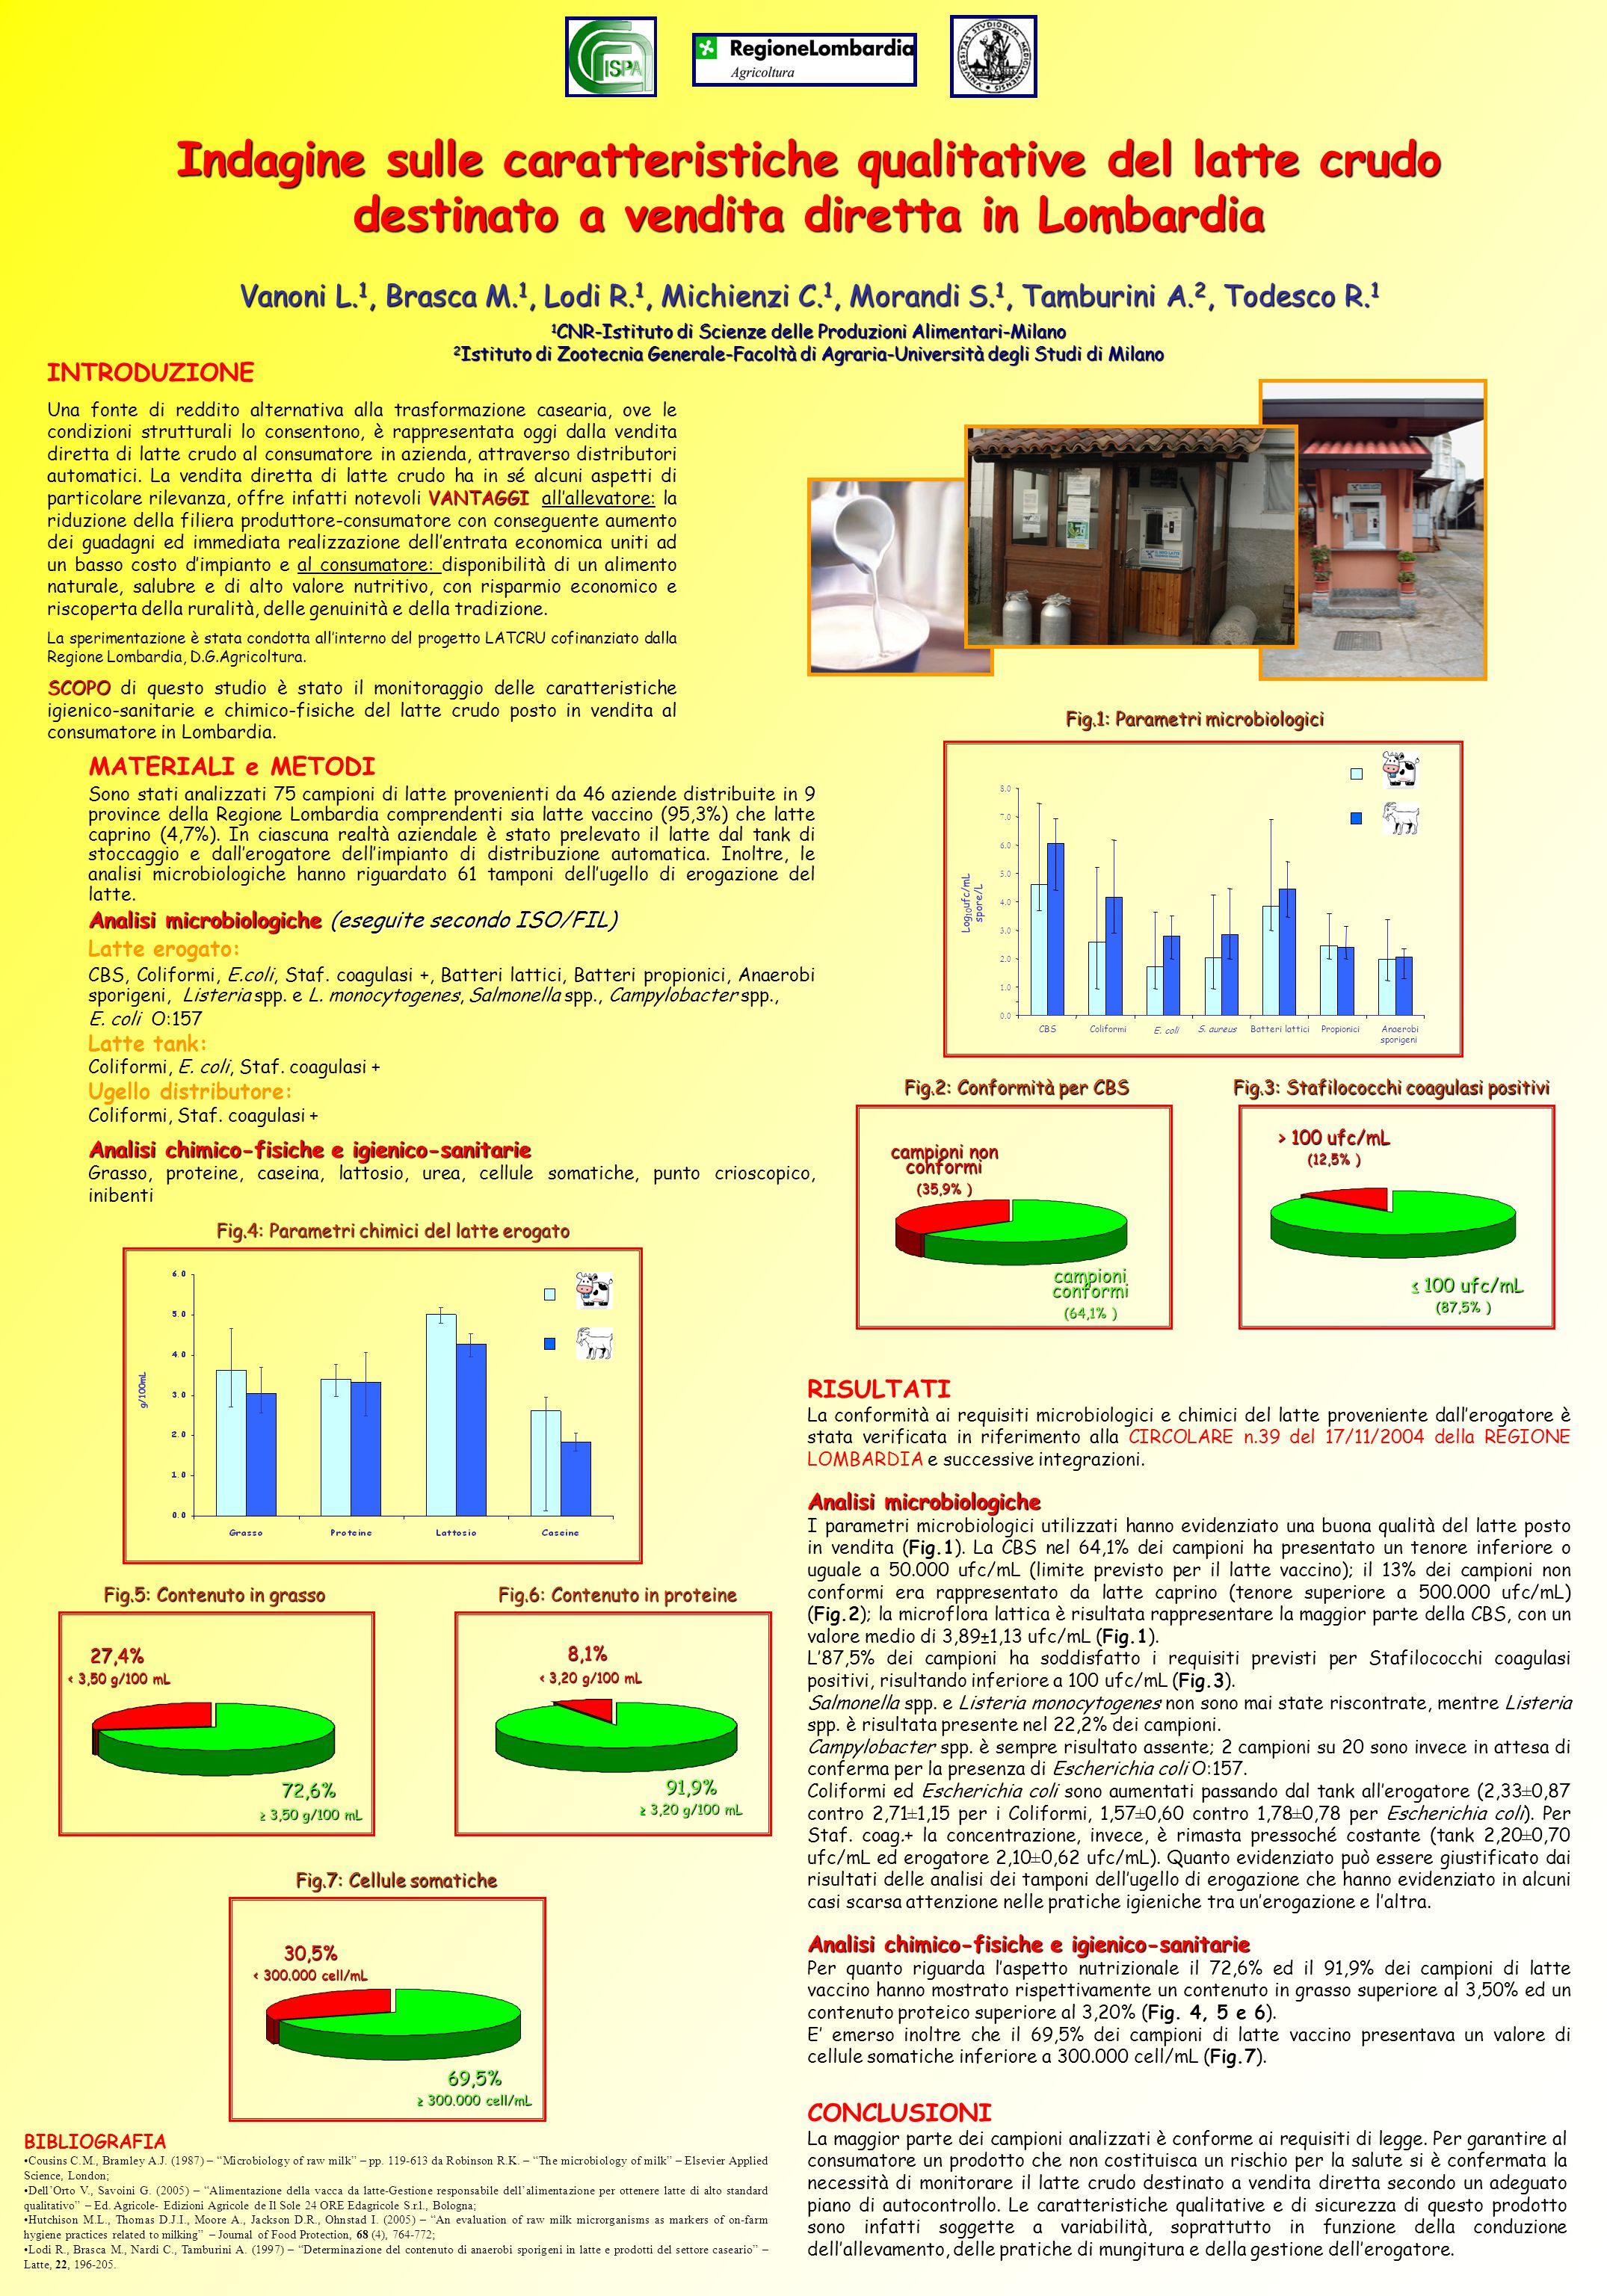 Indagine sulle caratteristiche qualitative del latte crudo destinato a vendita diretta in Lombardia Vanoni L. 1, Brasca M. 1, Lodi R. 1, Michienzi C.